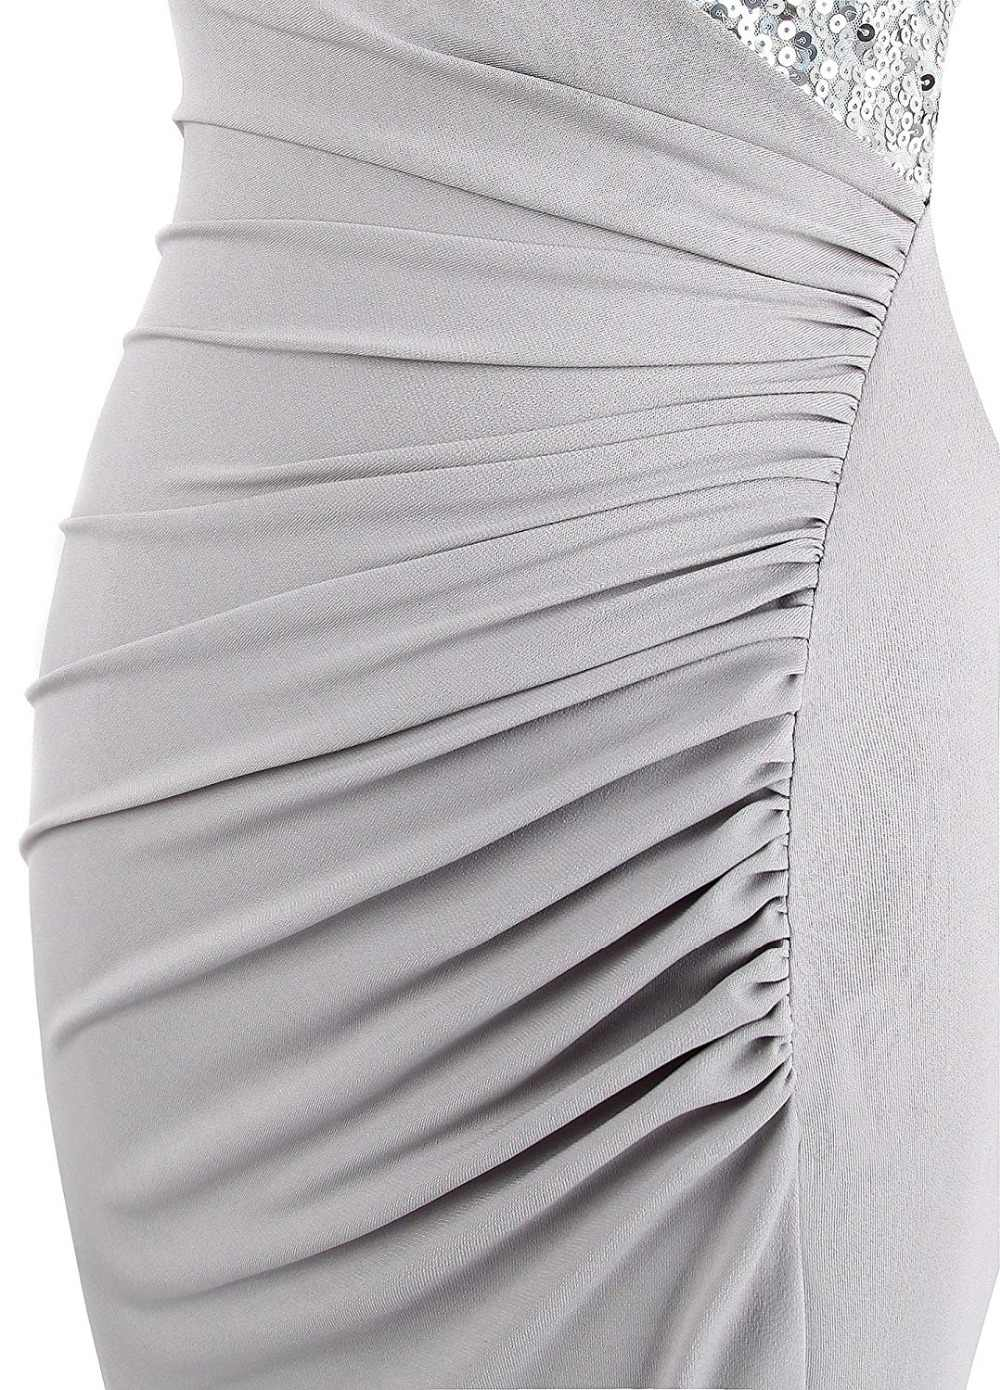 Vestidos de Noche de una sola pieza de color gris de JaneVini Vestidos de Noche de sirena sin mangas Split Lebanon talla grande vestidos de Madre de la novia